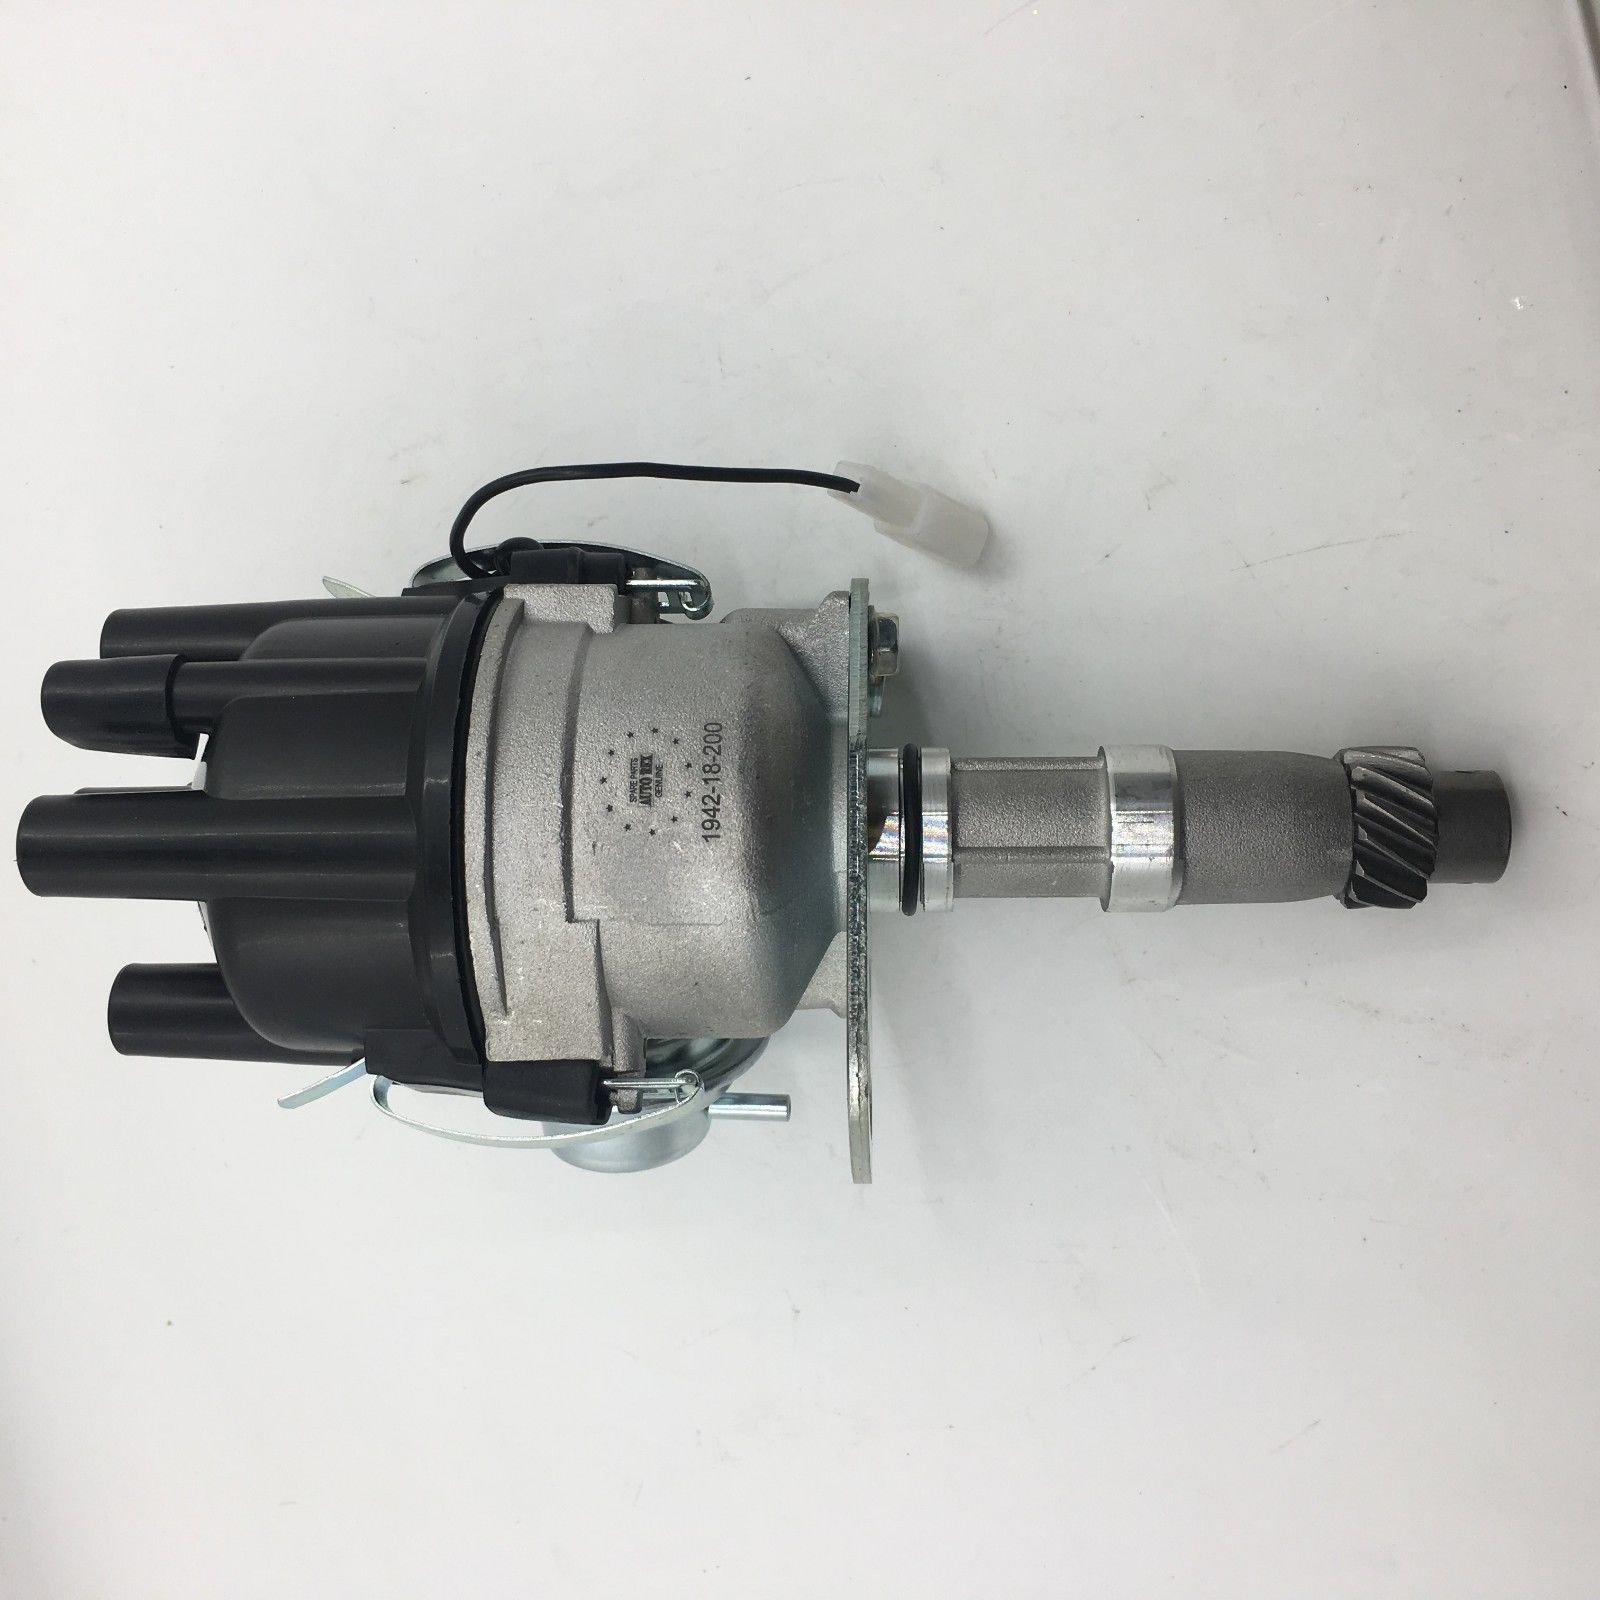 Top Quality Starter Mazda B2600 1987 1988 2.6L 2.6 V4 M001T70485